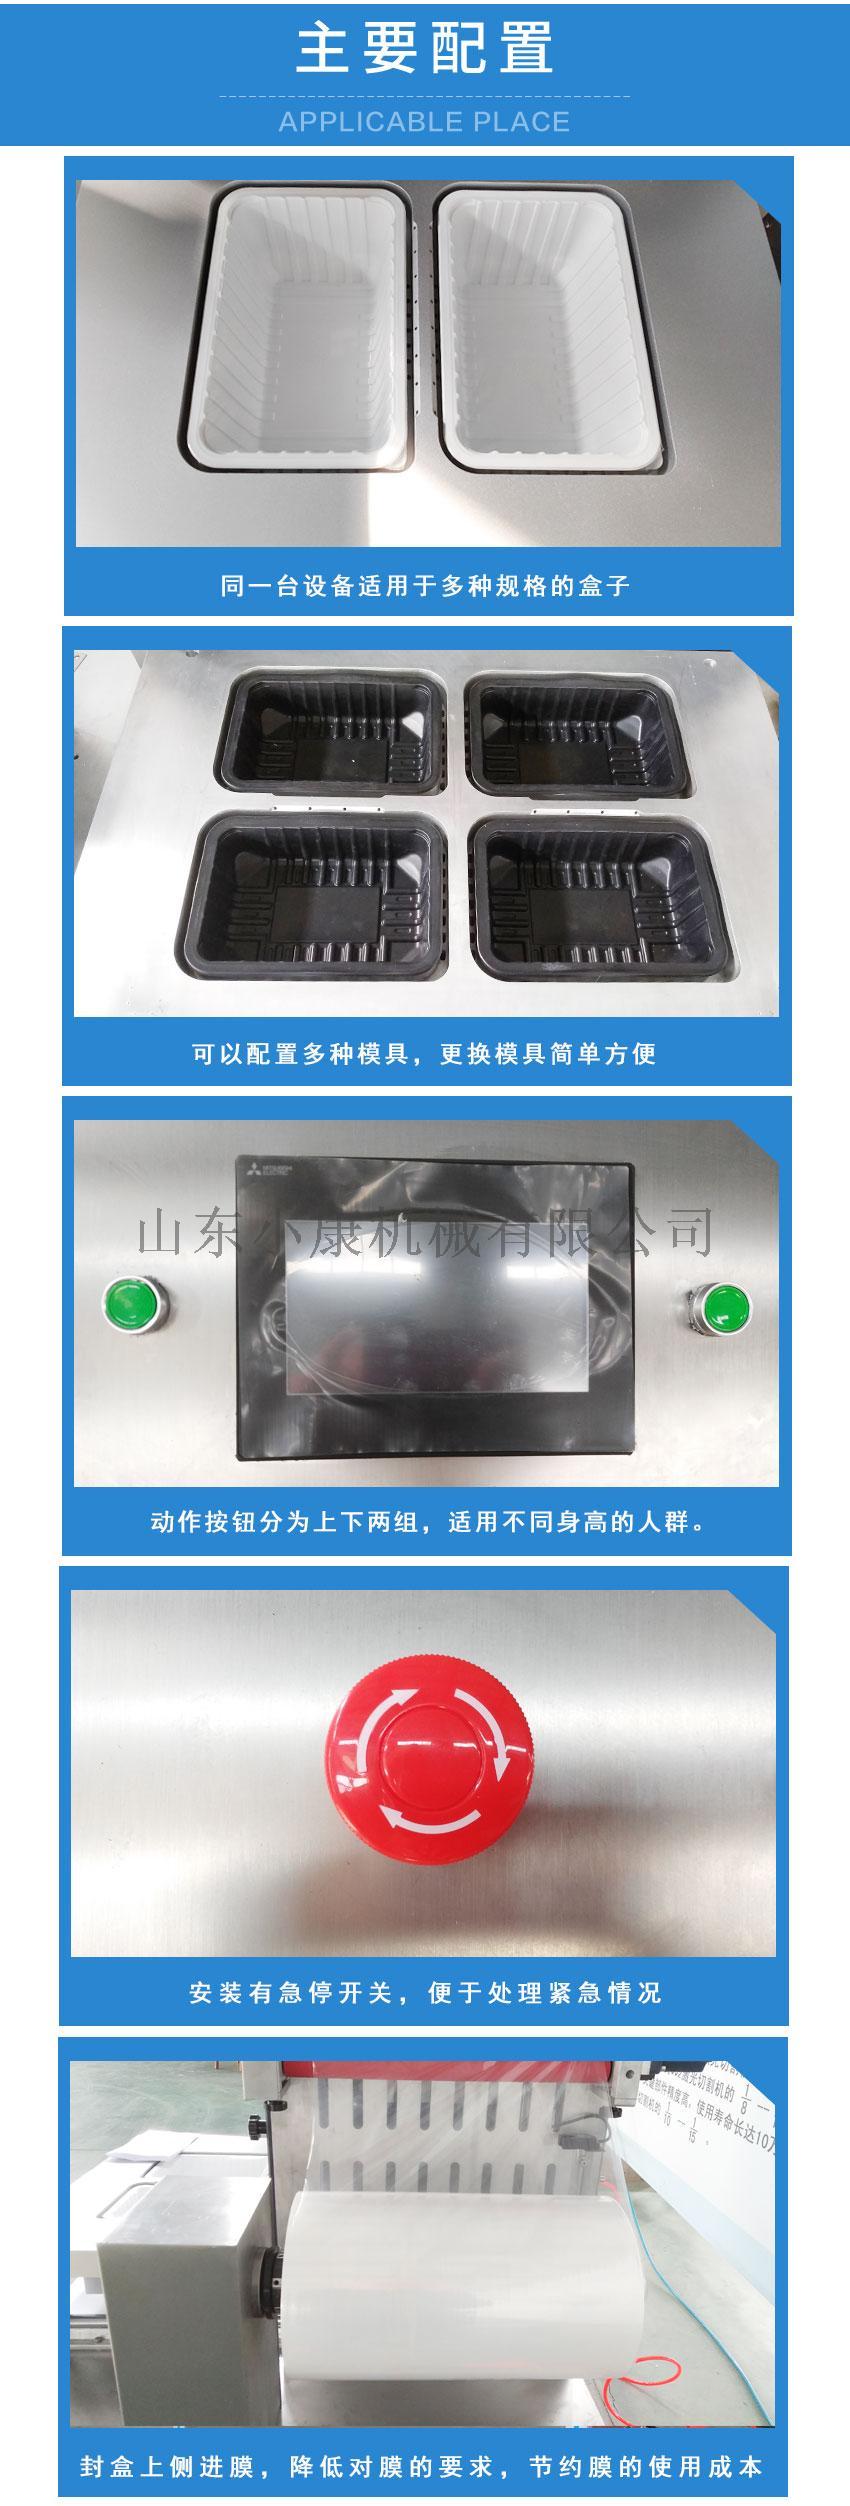 小康牌多功能真空气调包装机,全自动立式盒装包装机102341292